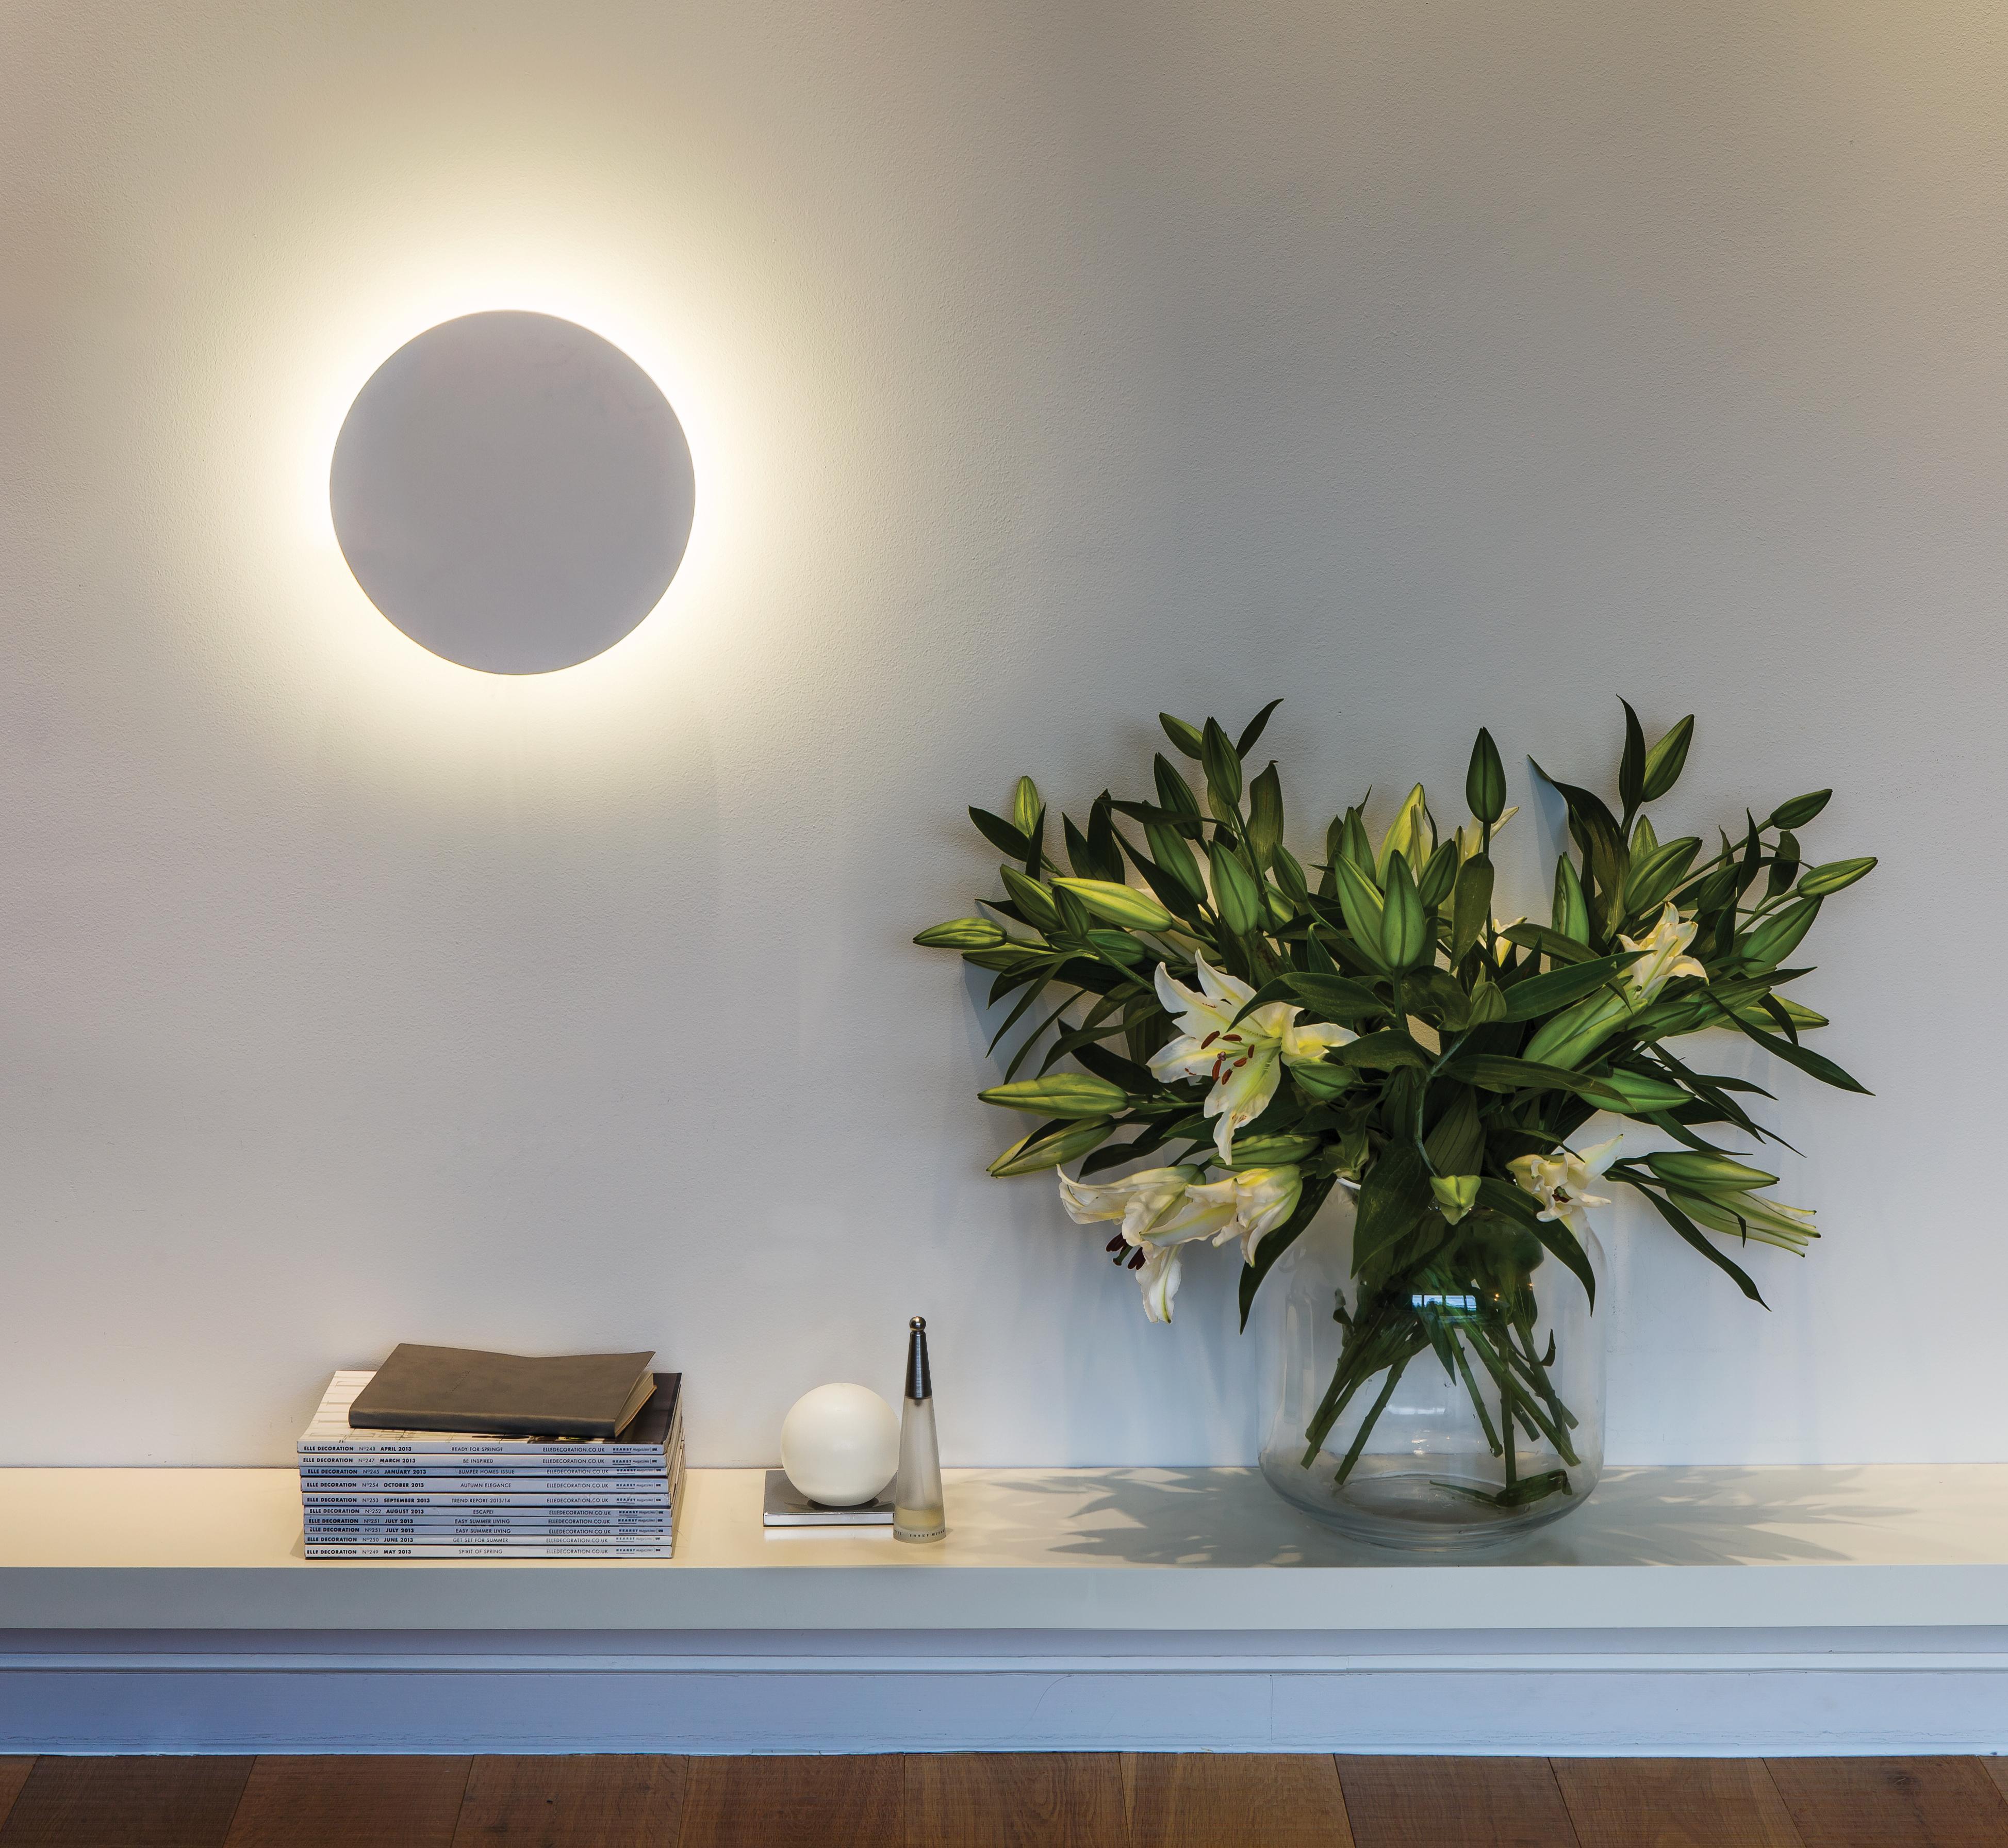 Настенный светодиодный светильник Astro Eclipse 1333005 (7611), LED 8,1W 2700K 357.43lm CRI60, белый, под покраску, гипс - фото 6